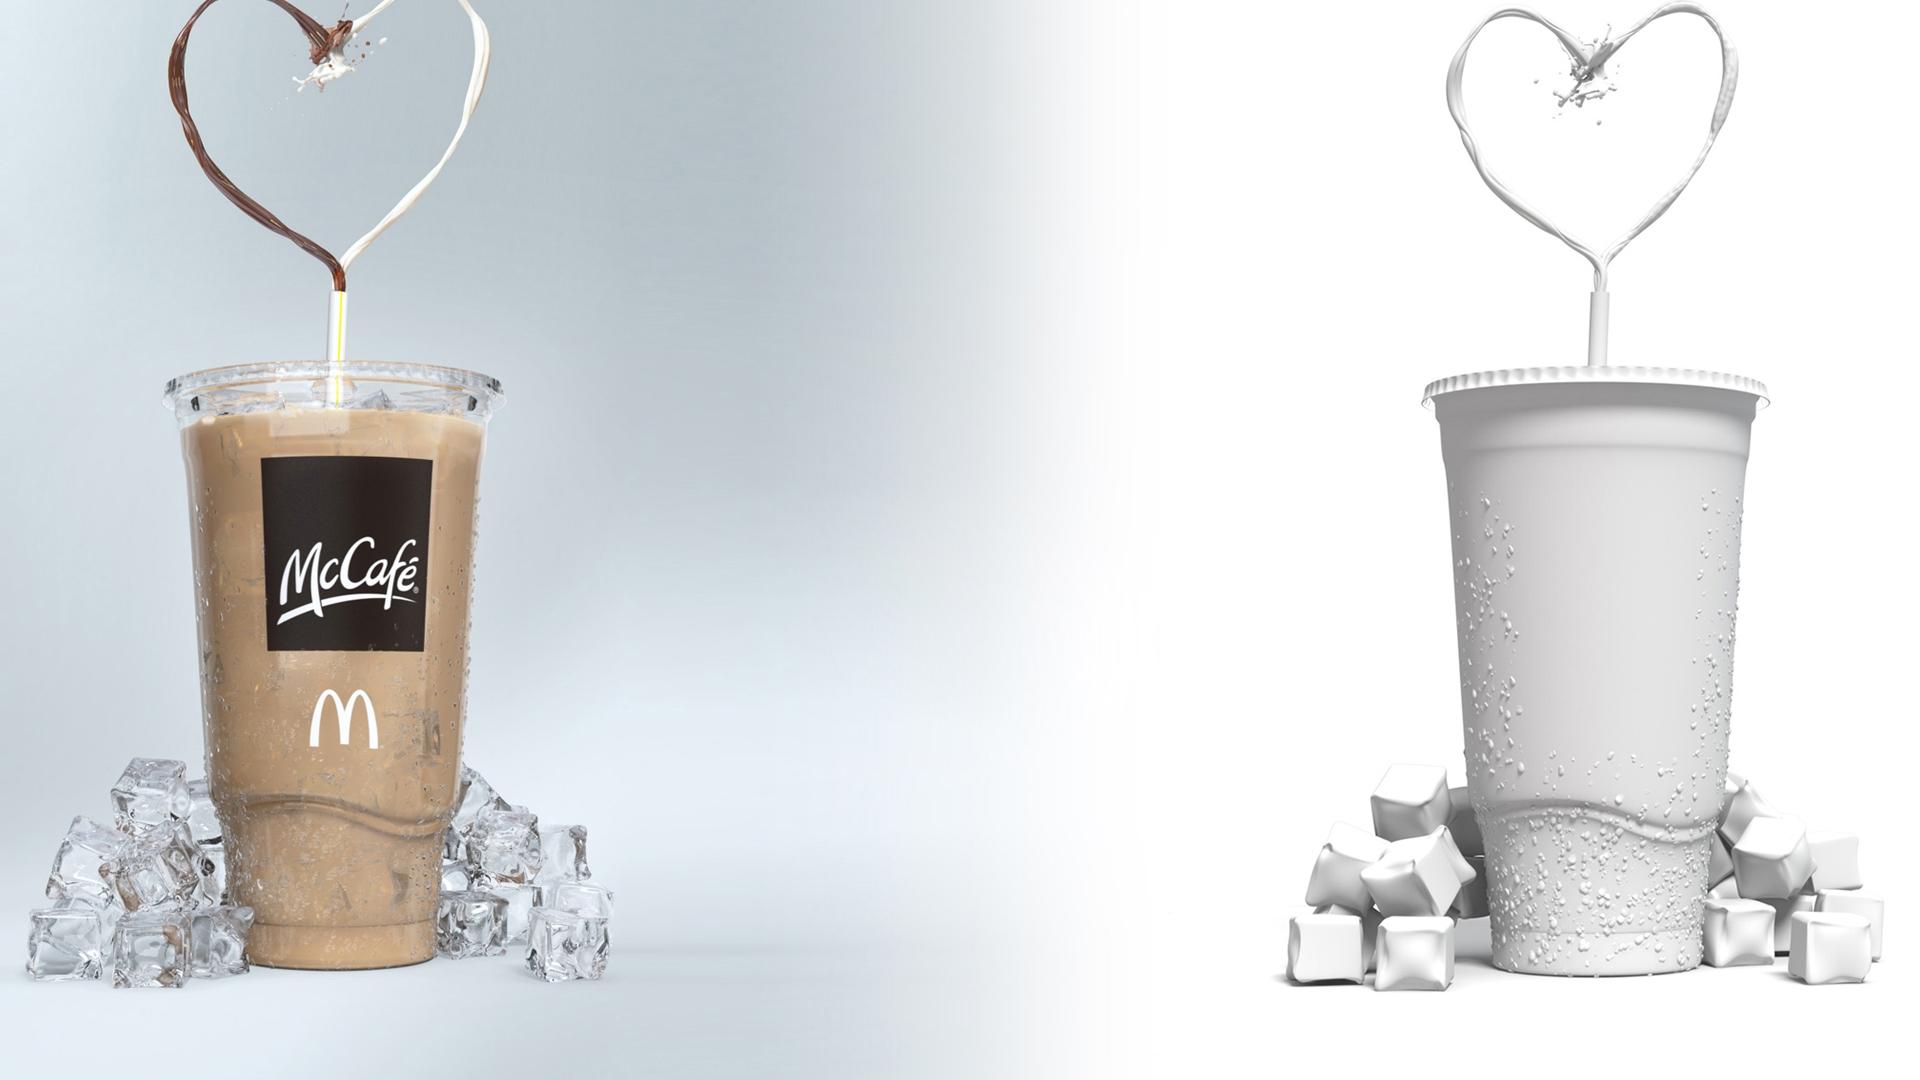 Hintergrundbilder : Kaffee, Getränk, Tasse, Beleuchtung, McDonalds ...